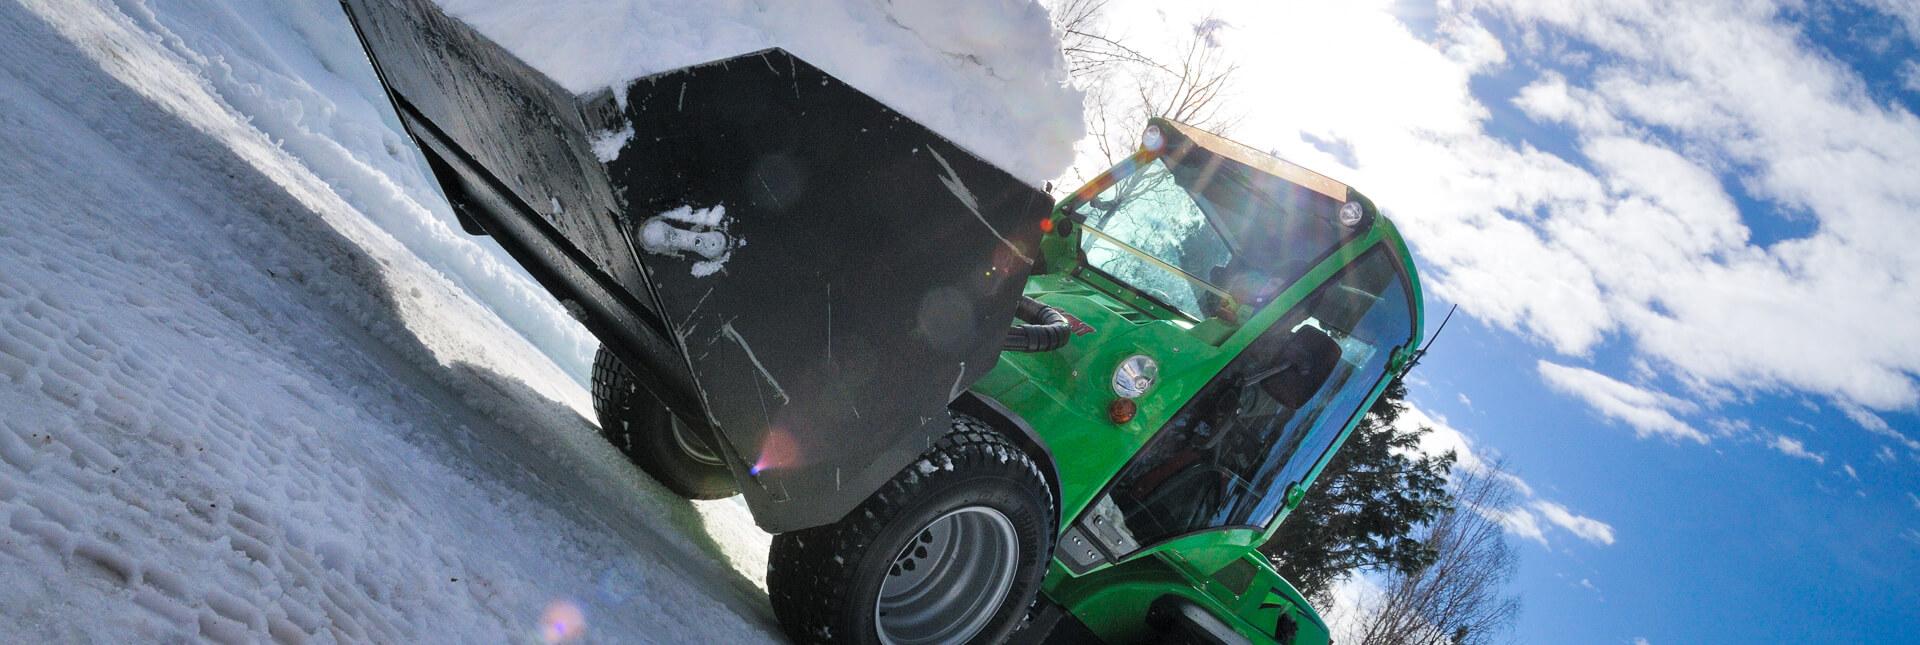 Arbejdsbillede af Skovl højtip XL på avant minilæsser